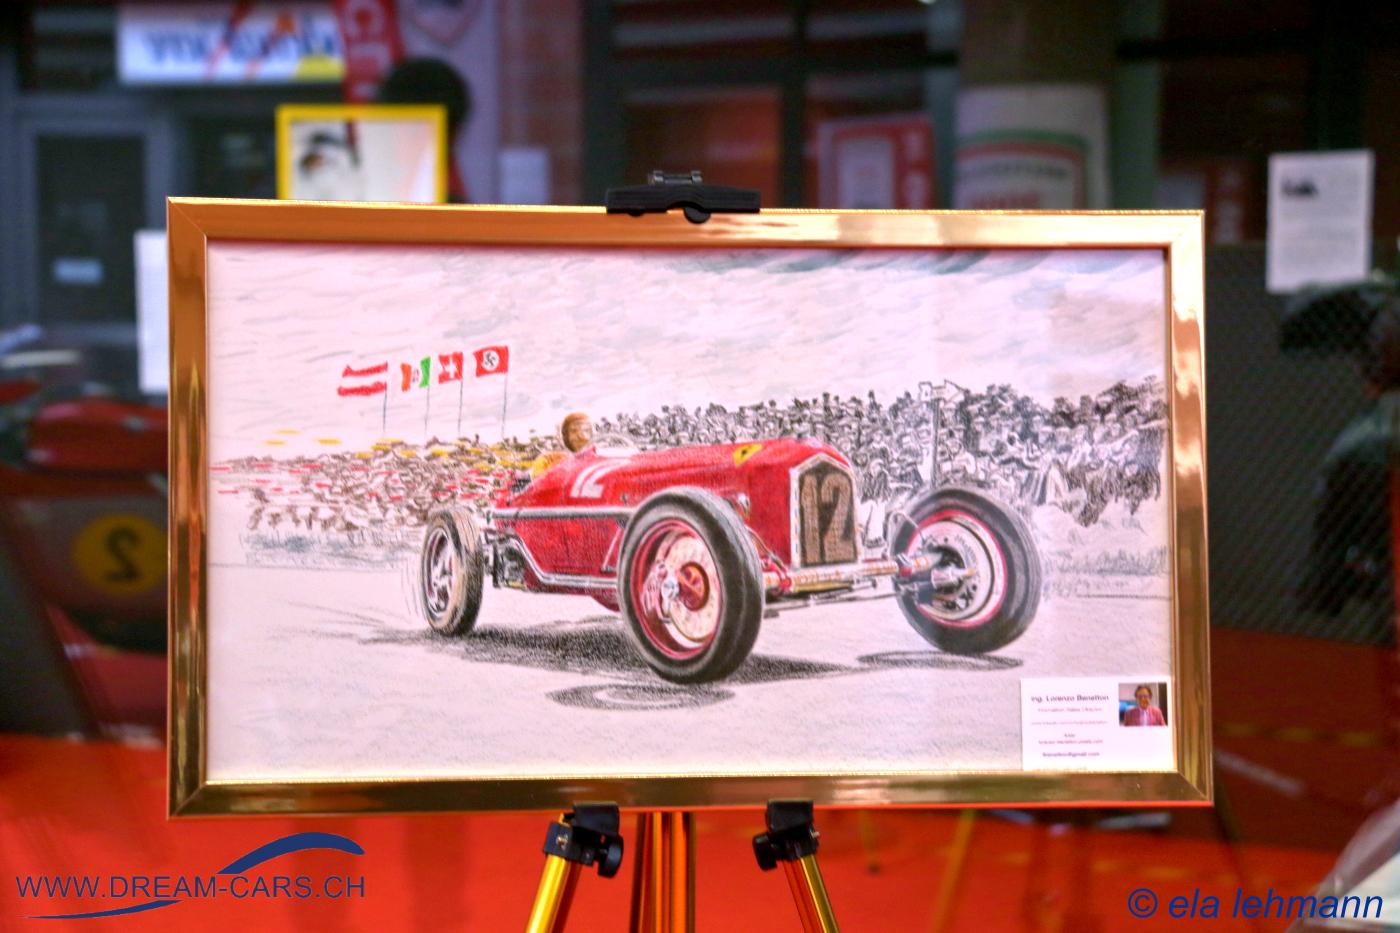 Modena Motor Gallery, 26./27. September 2020. Ein Alfa Romeo P3, künstlerisch in Szene gesetzt von Lorenzo Benetton